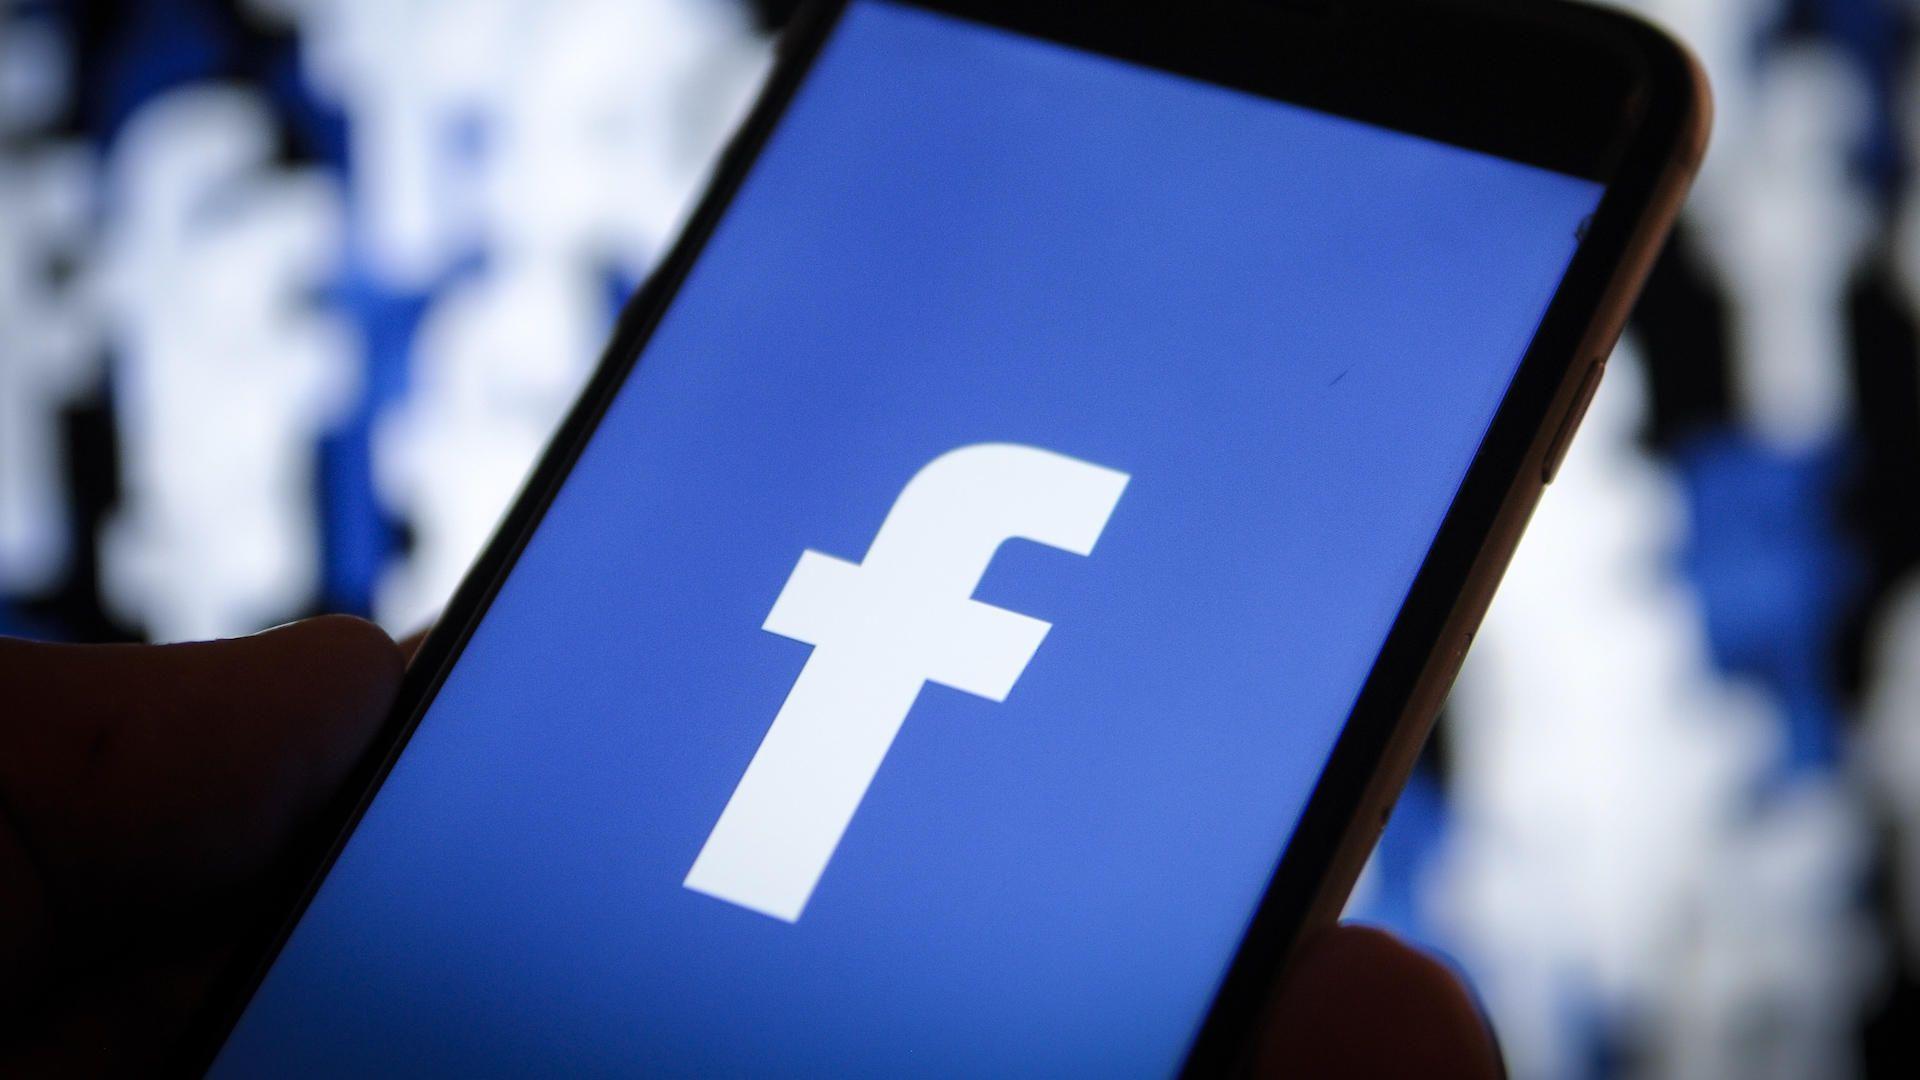 Facebook construirá el producto más usado en criptografía, asegura Anthony Pompliano